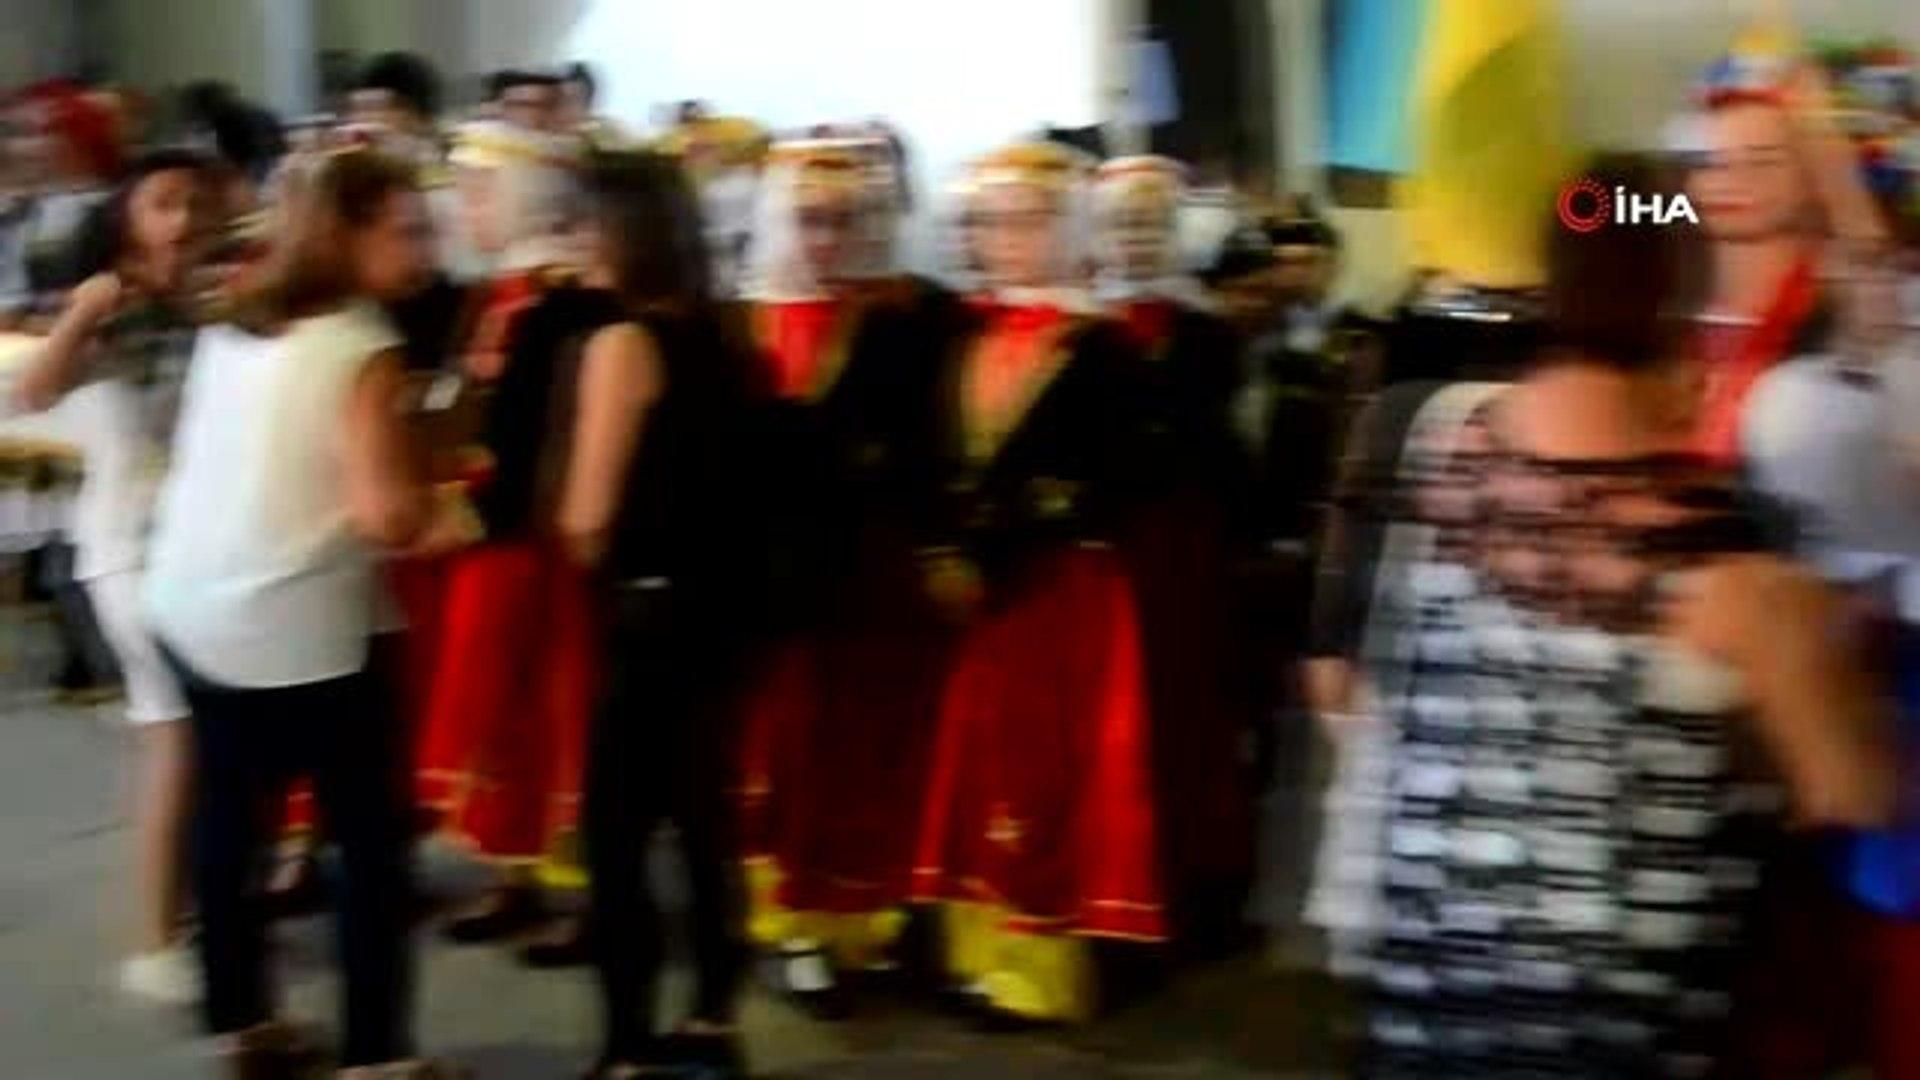 Sarımsaklı Trophy 2019 Uluslararası Kültür ve Halk Oyunları Festivali sona erdi